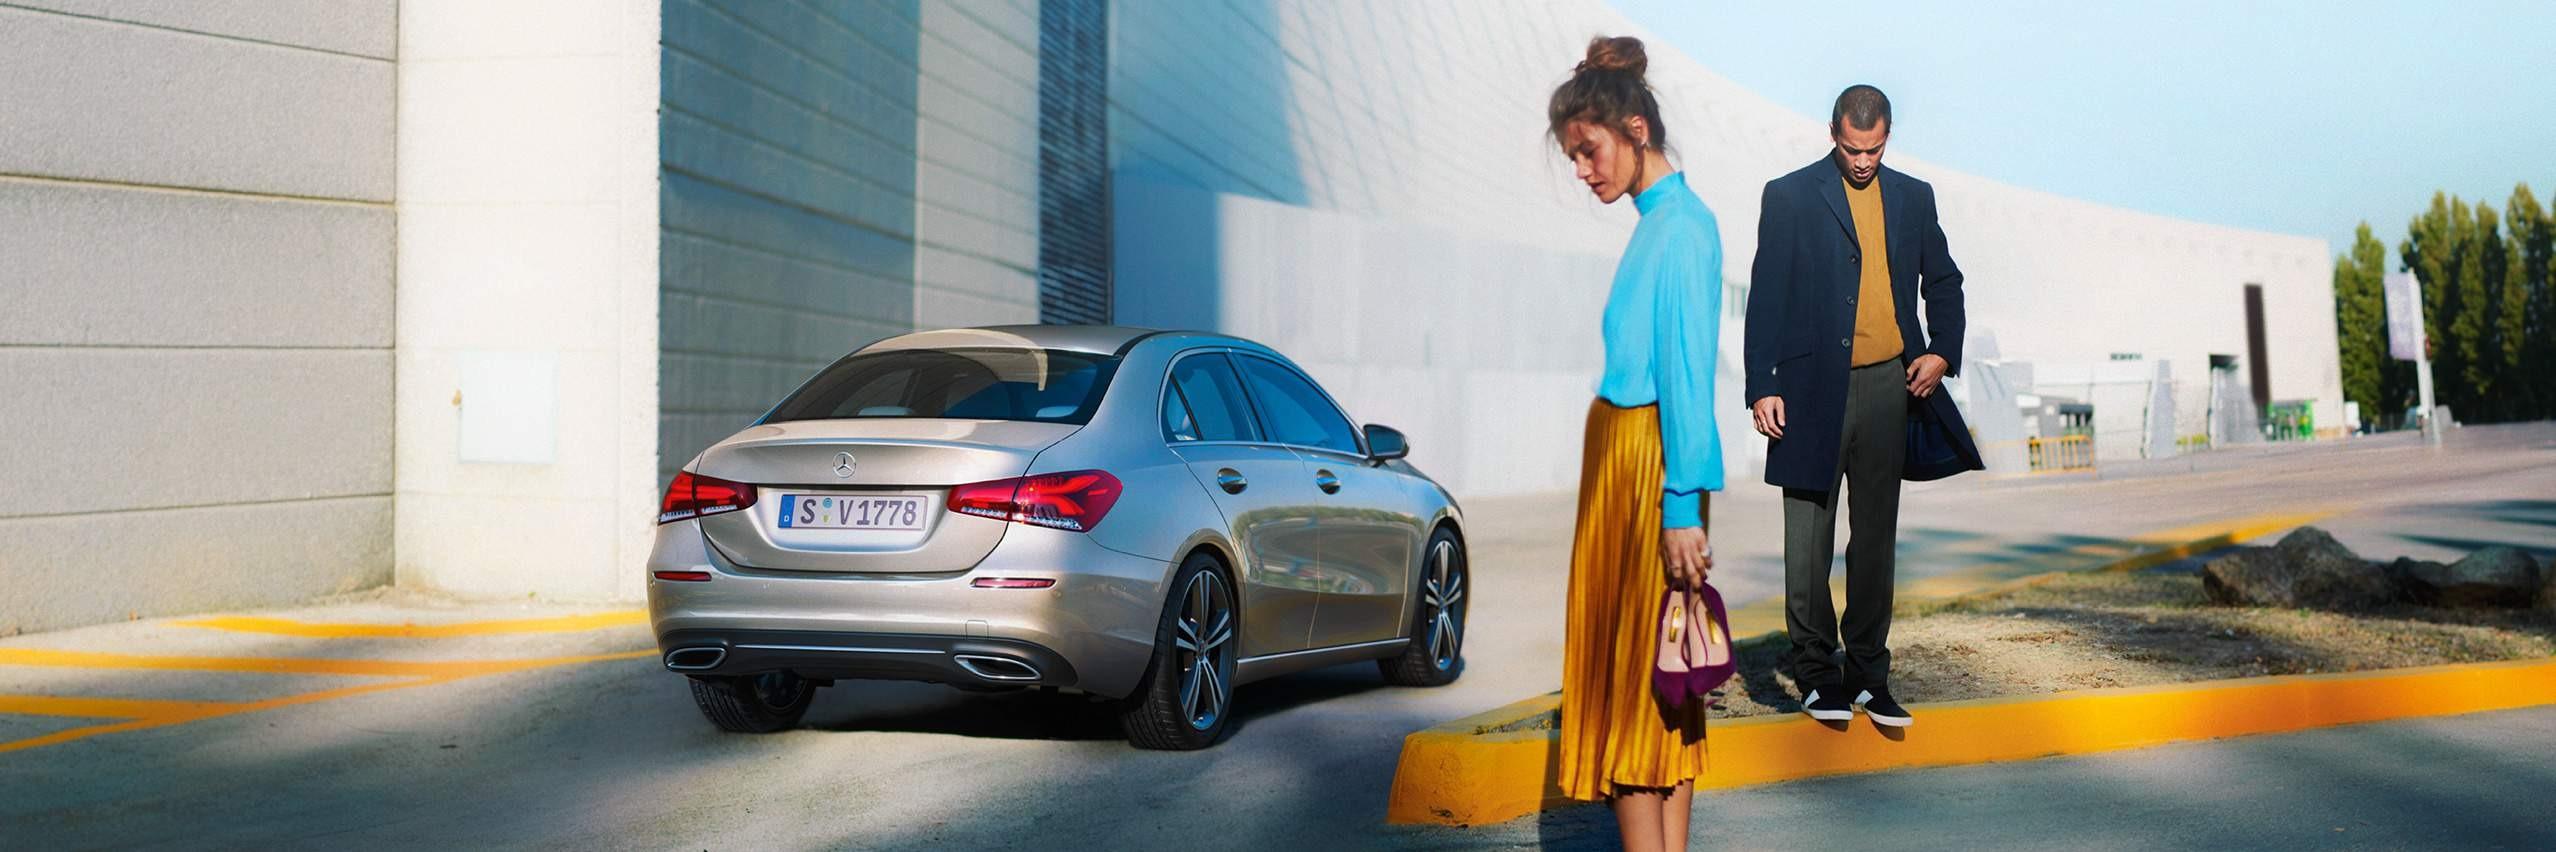 ДизайнMercedes-Benz A-Class